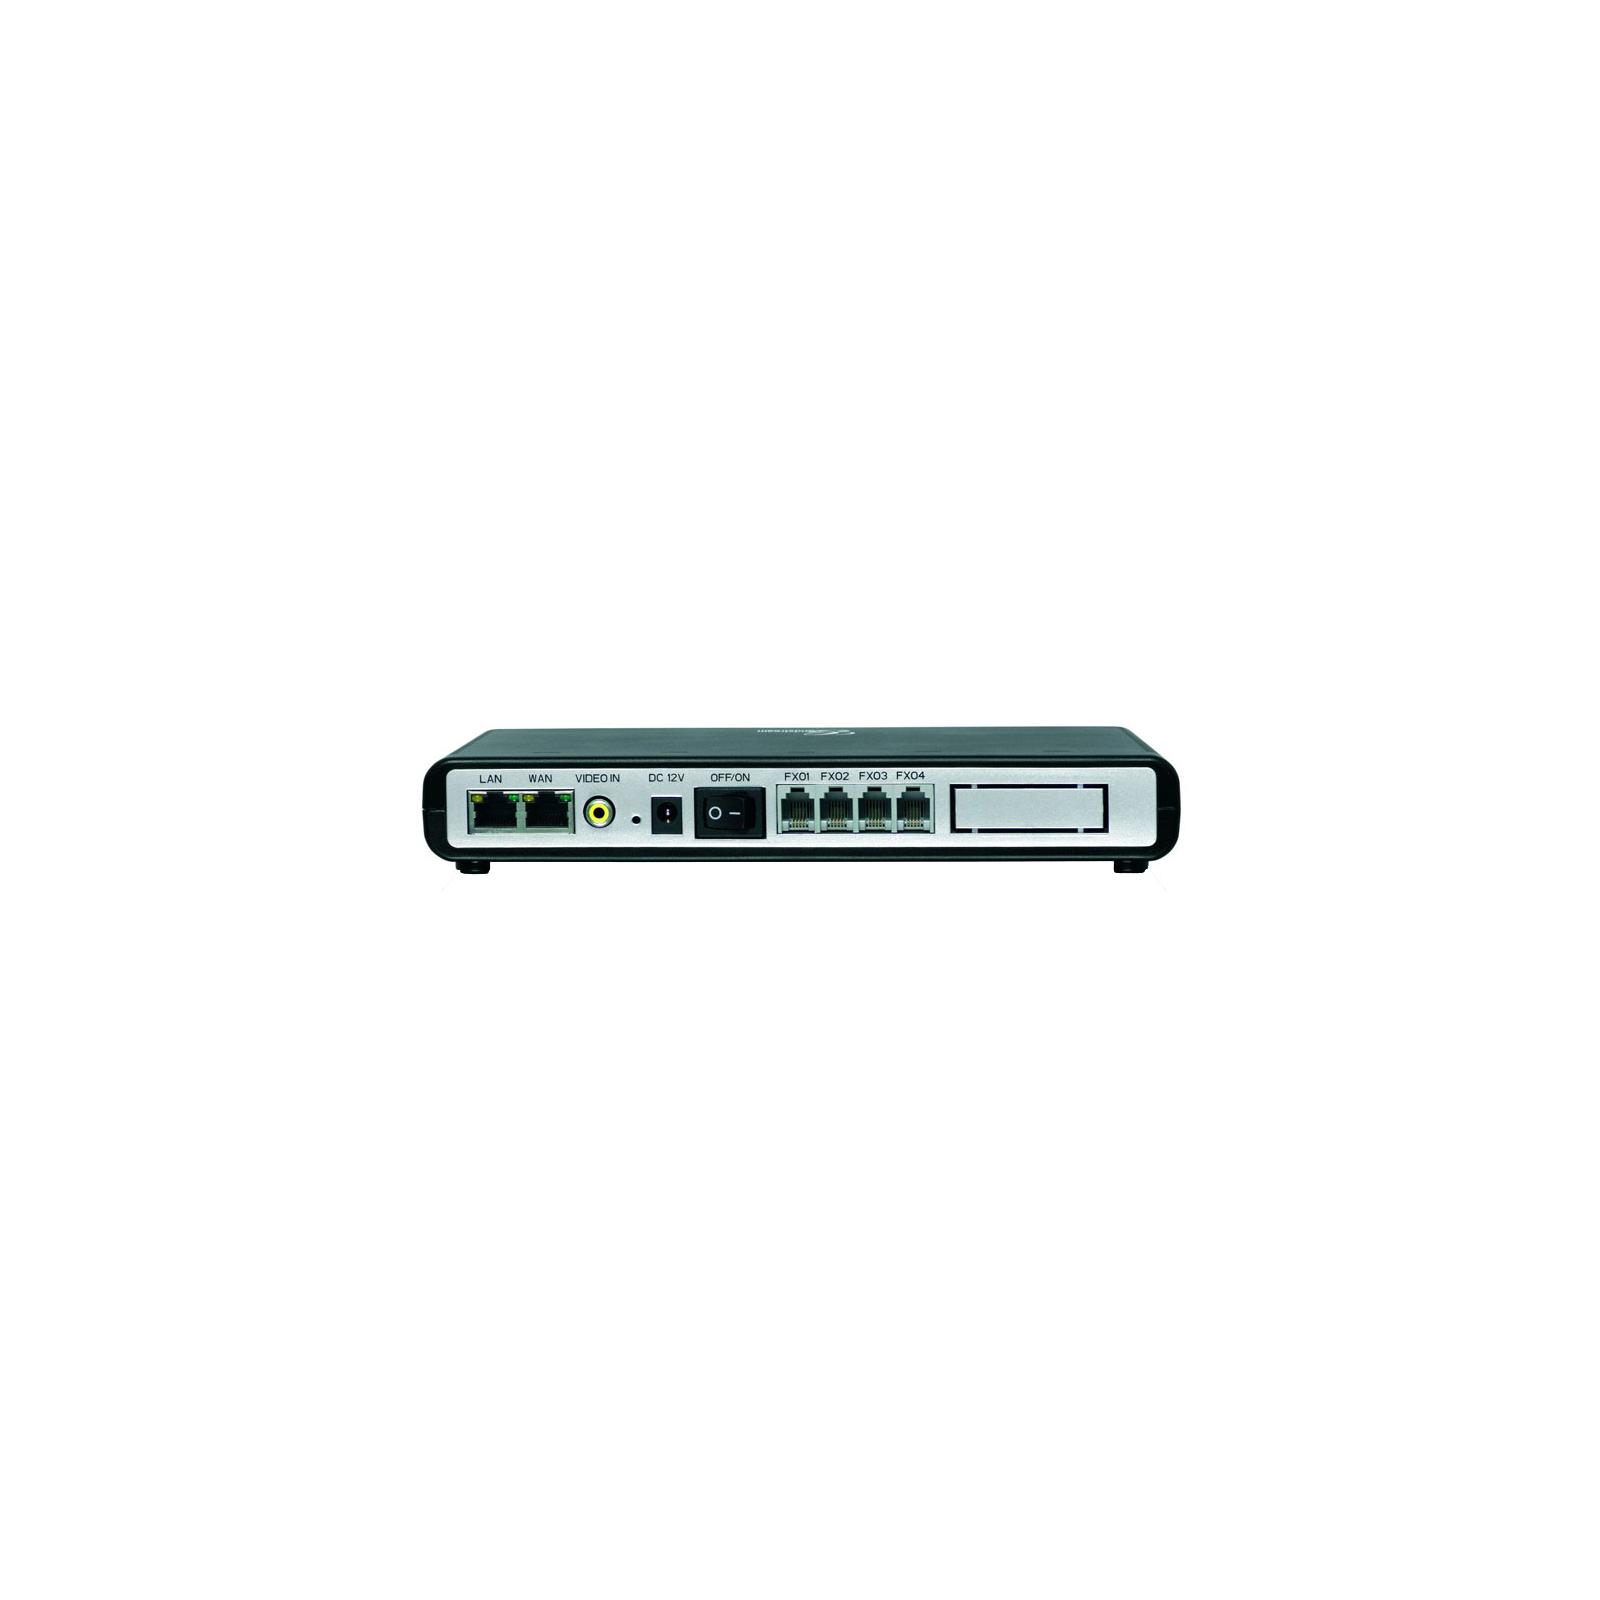 VoIP-шлюз Grandstream GXW4104 изображение 2